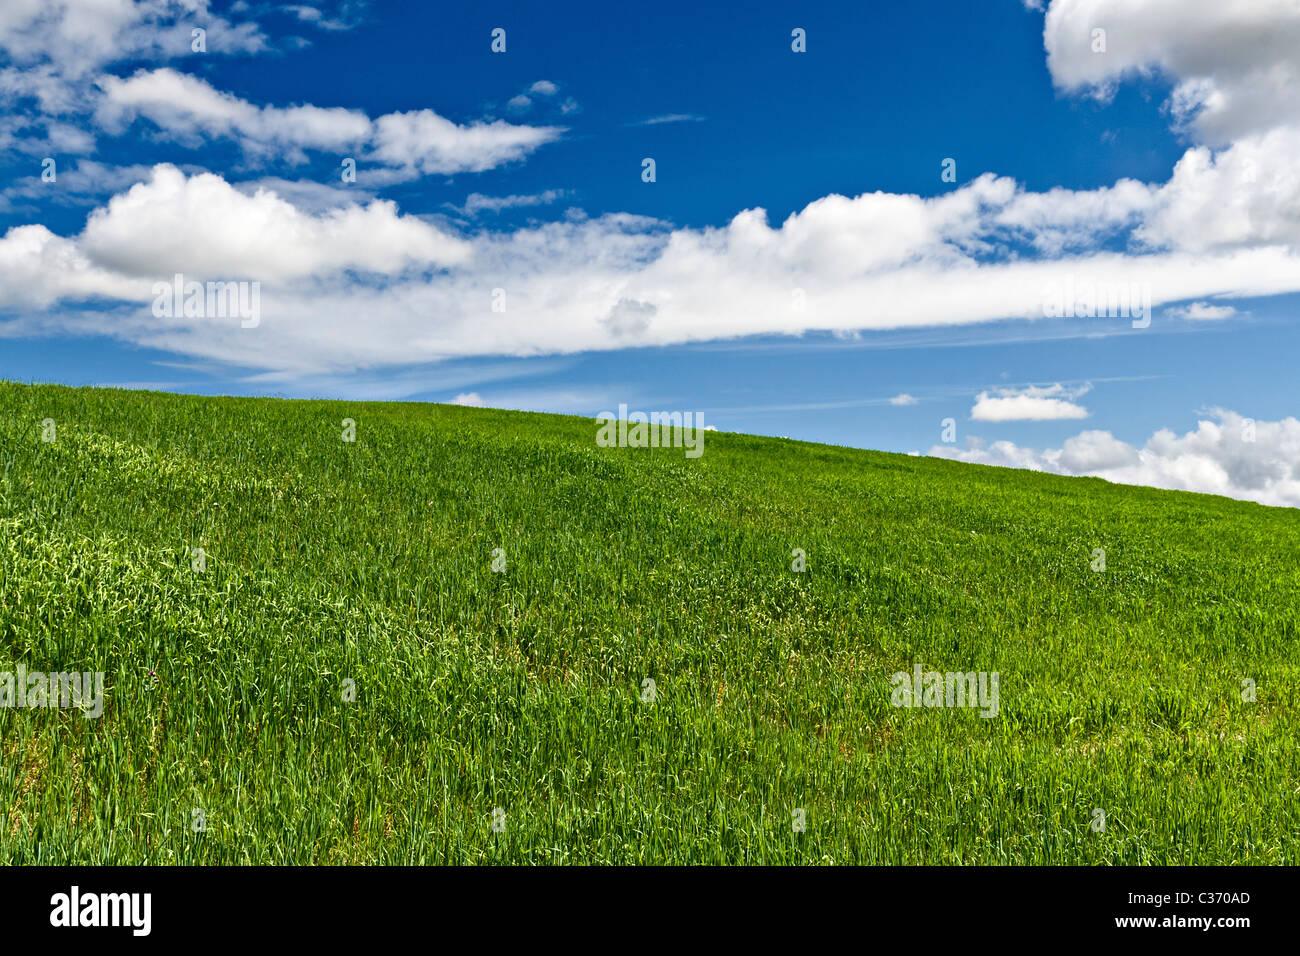 Campo Verde con cielo azul y nubes en el fondo Imagen De Stock